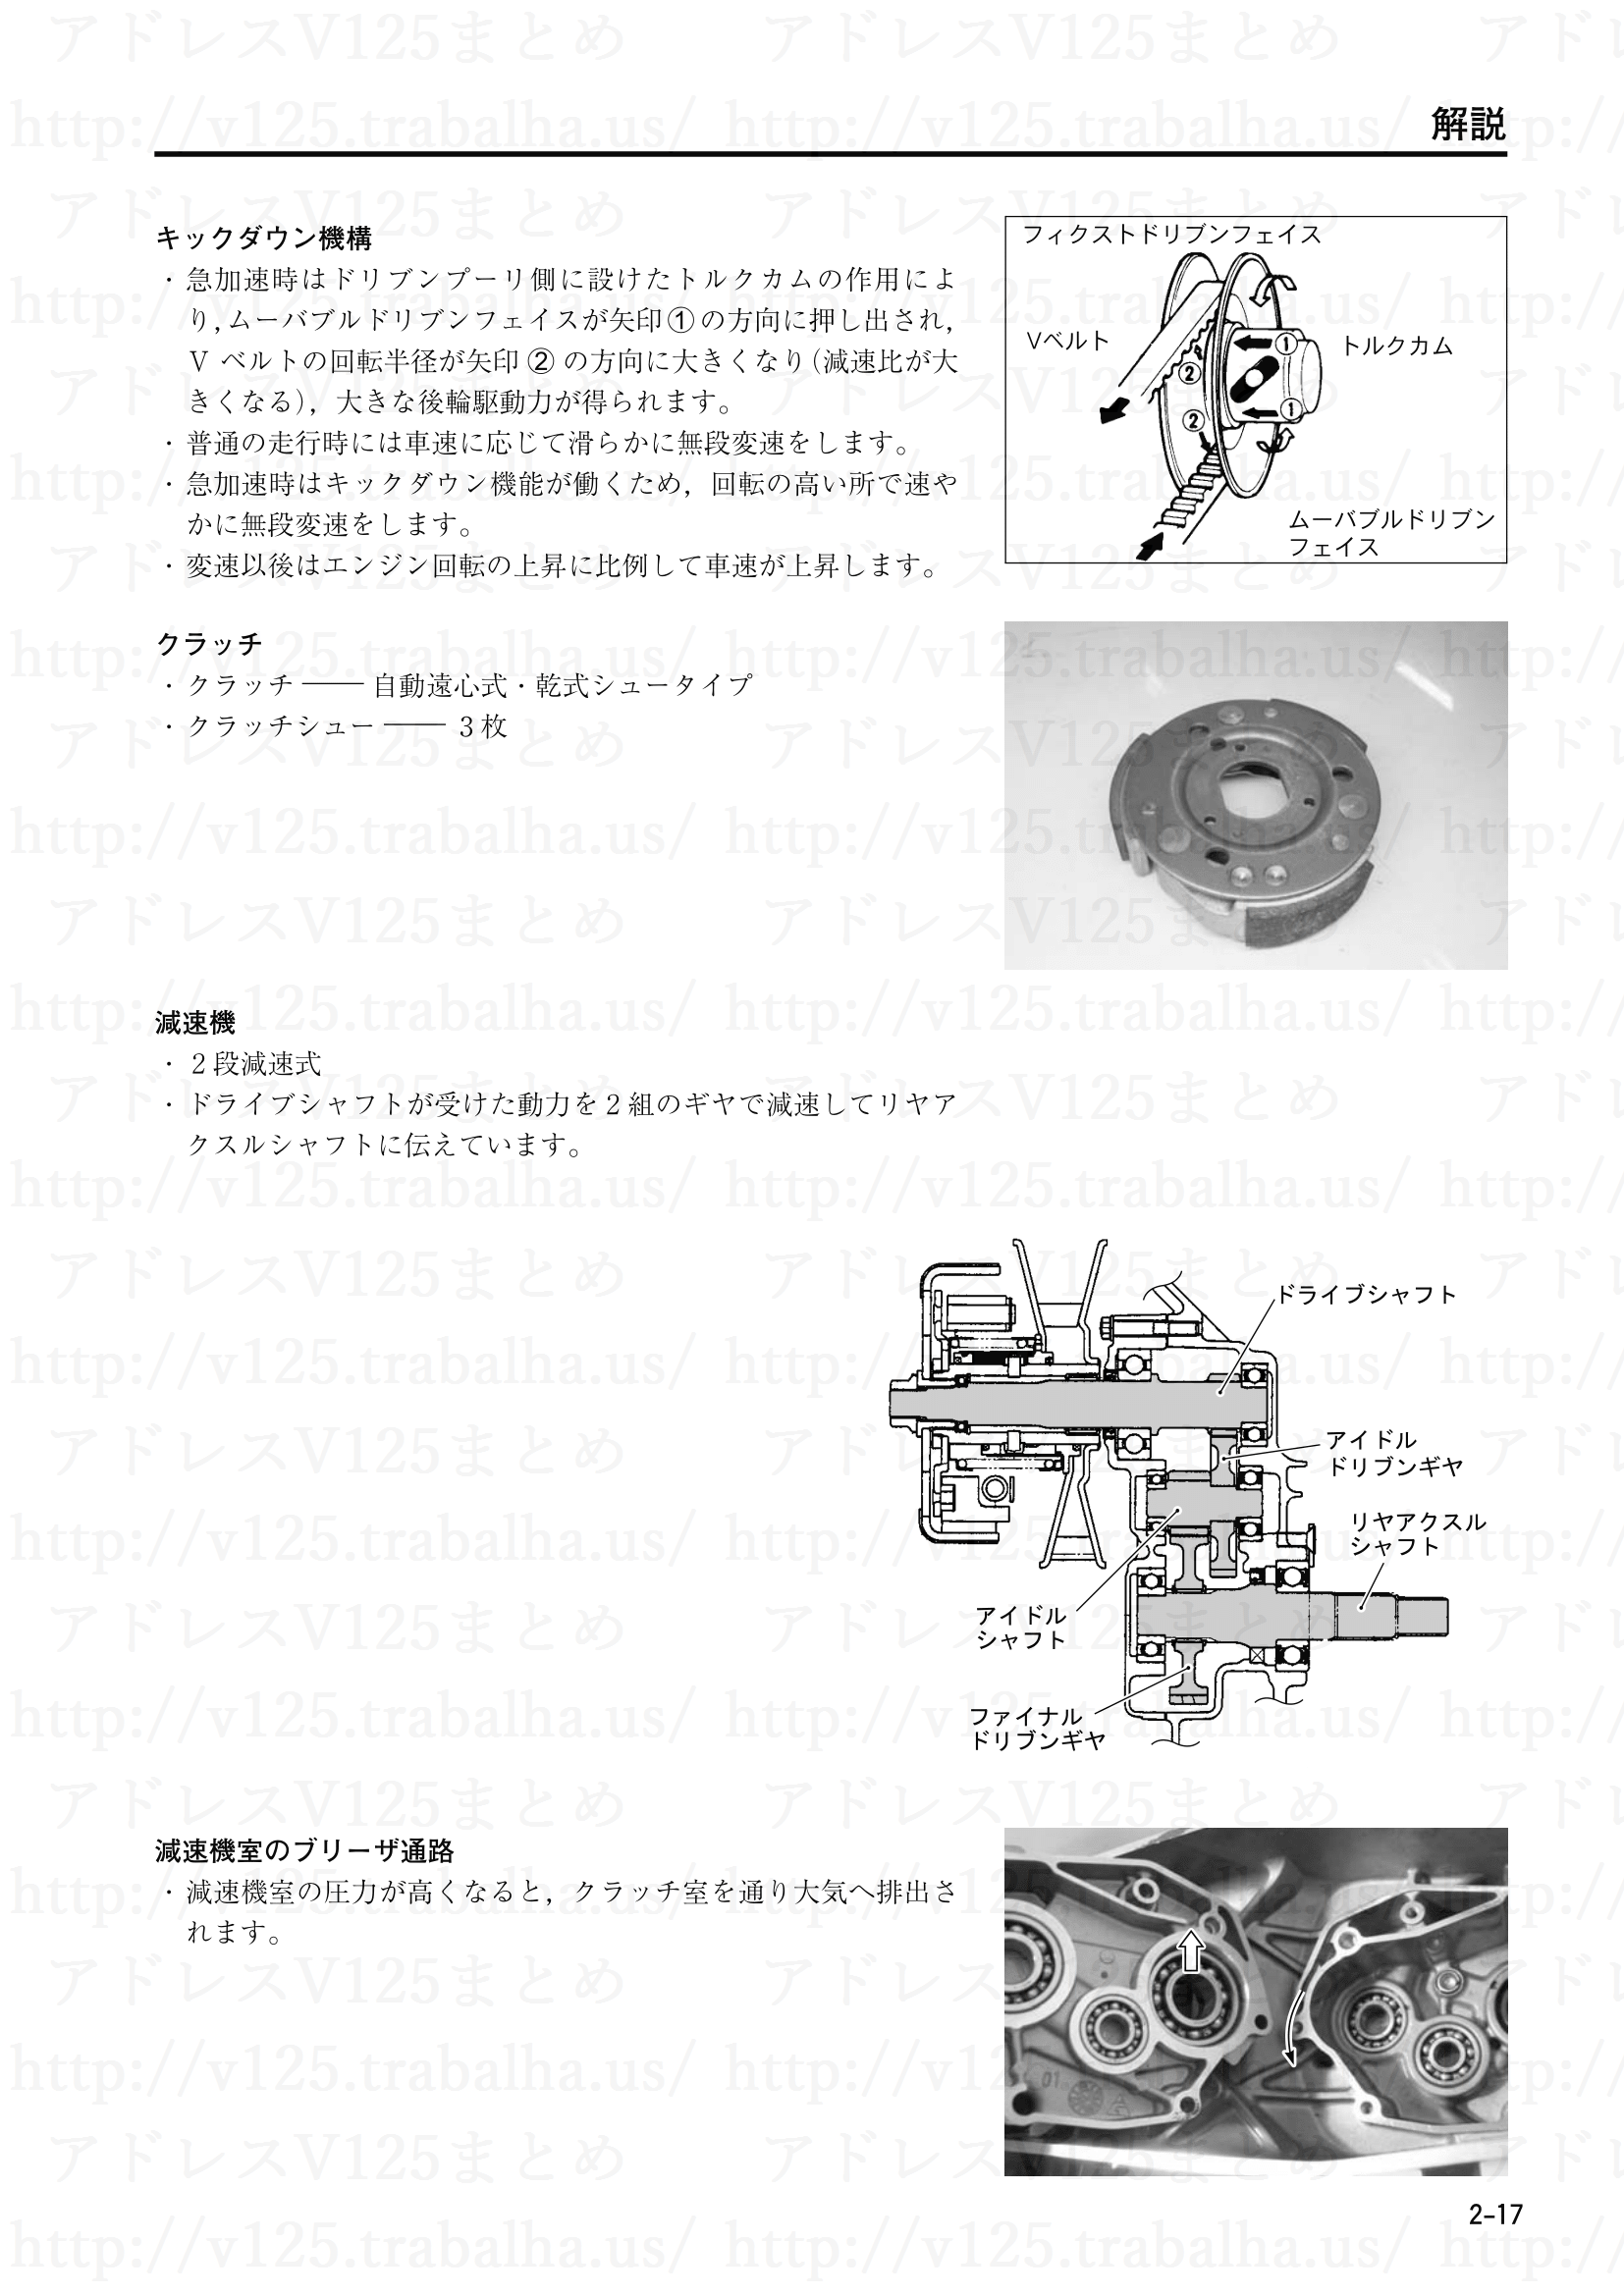 2-17【解説】動力伝達装置3